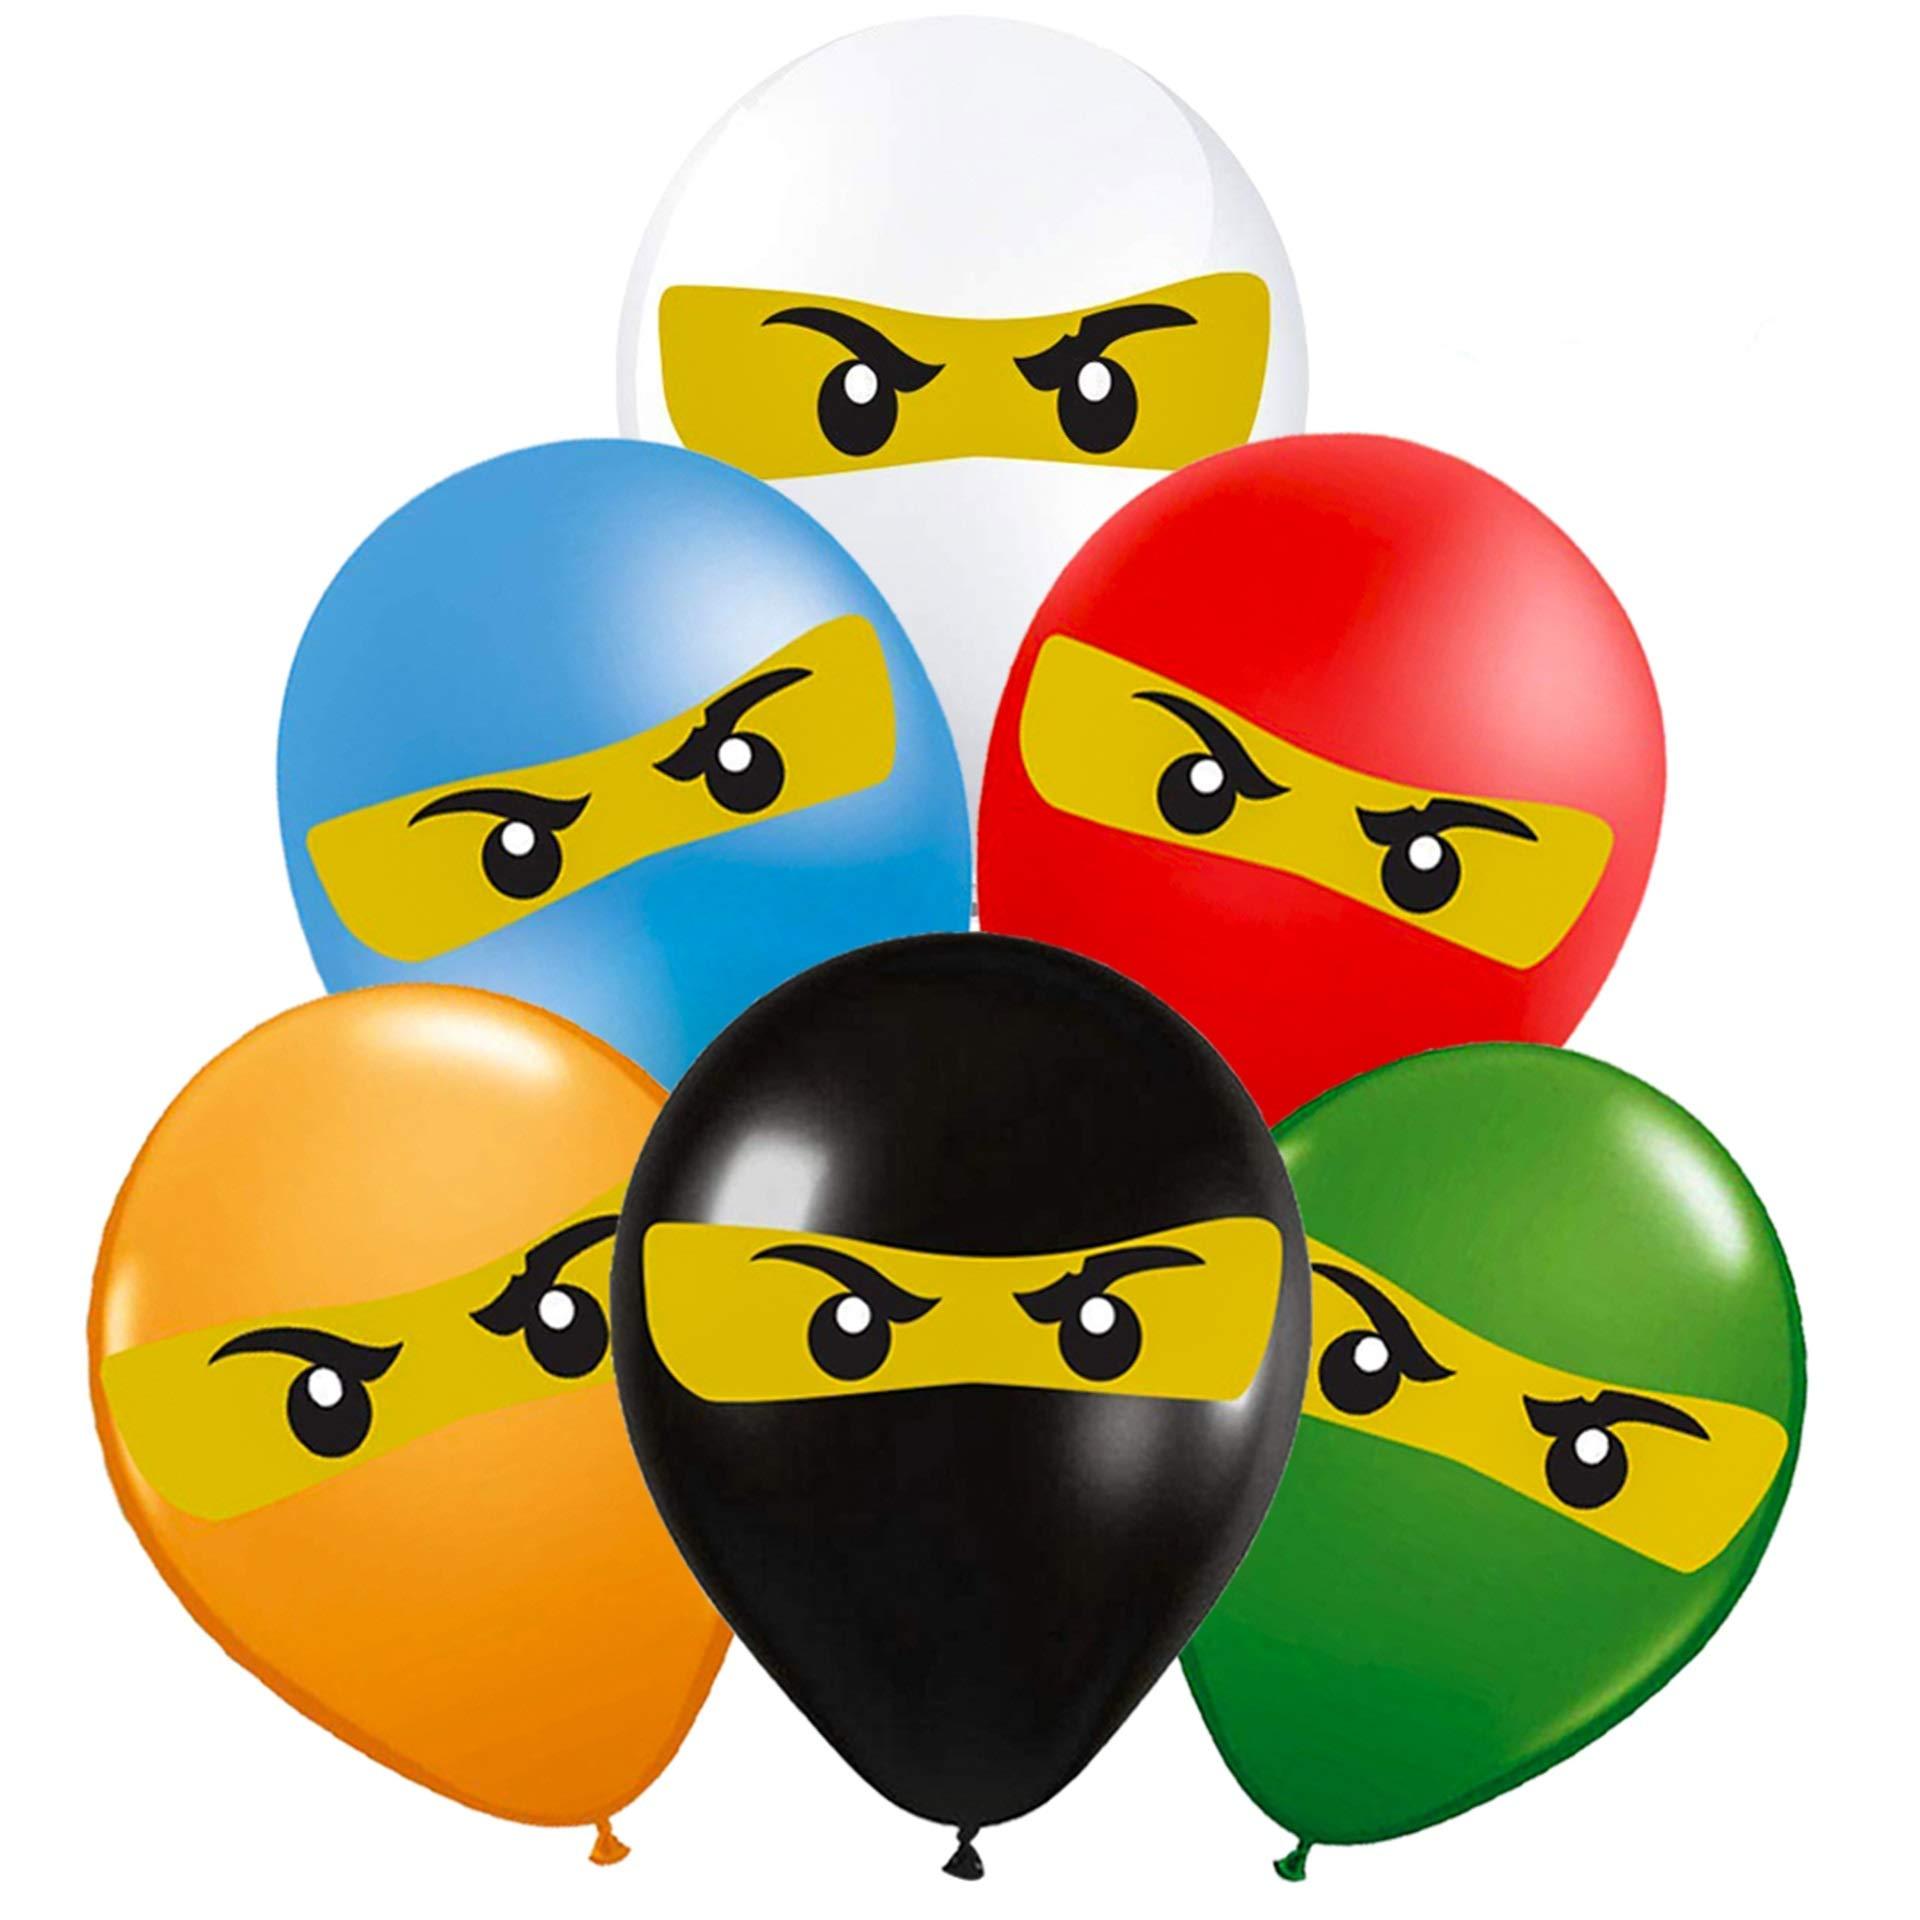 Galleon - Lego Ninjago Balloons Birthday Party Supplies [42